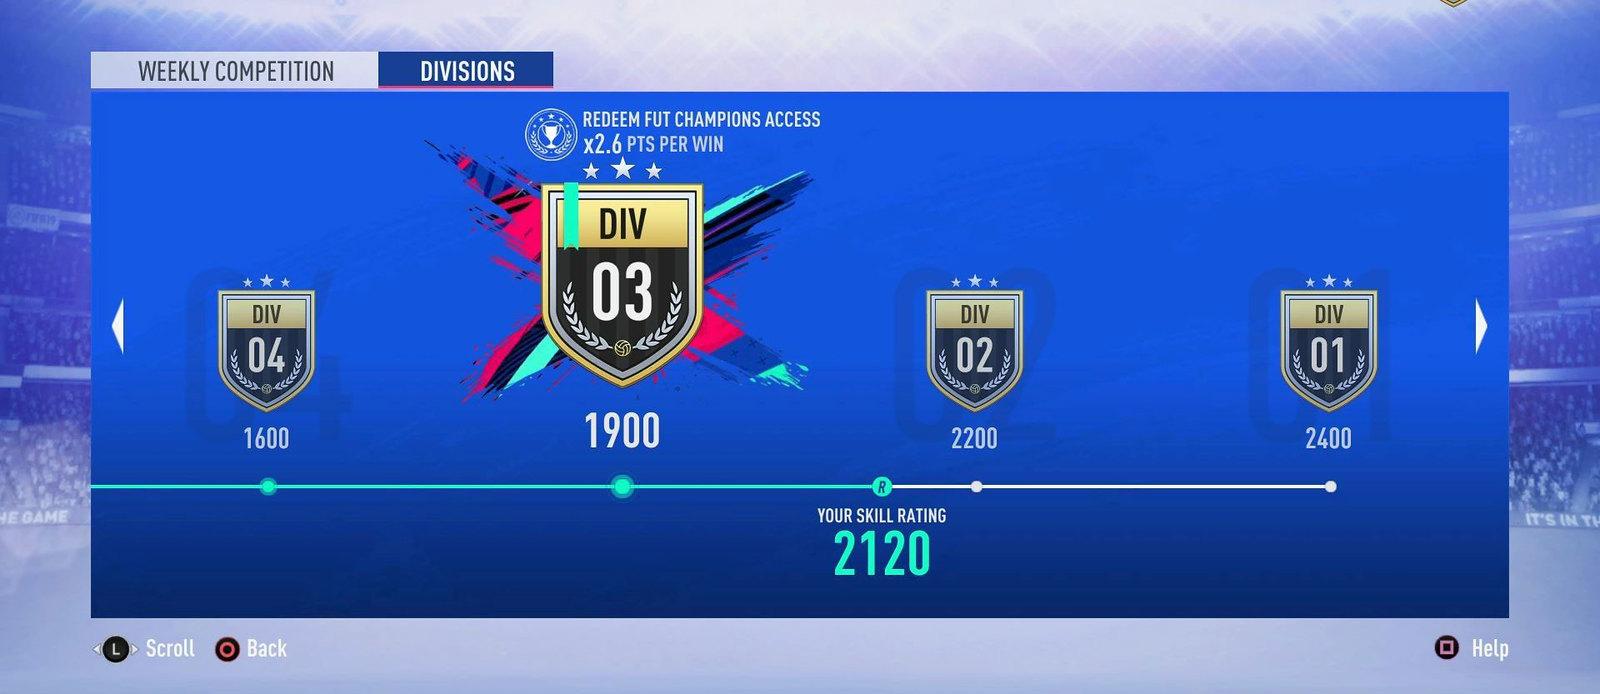 48462756982 c03991db64 h - FIFA 19 – Die Herausforderung der Weekend League